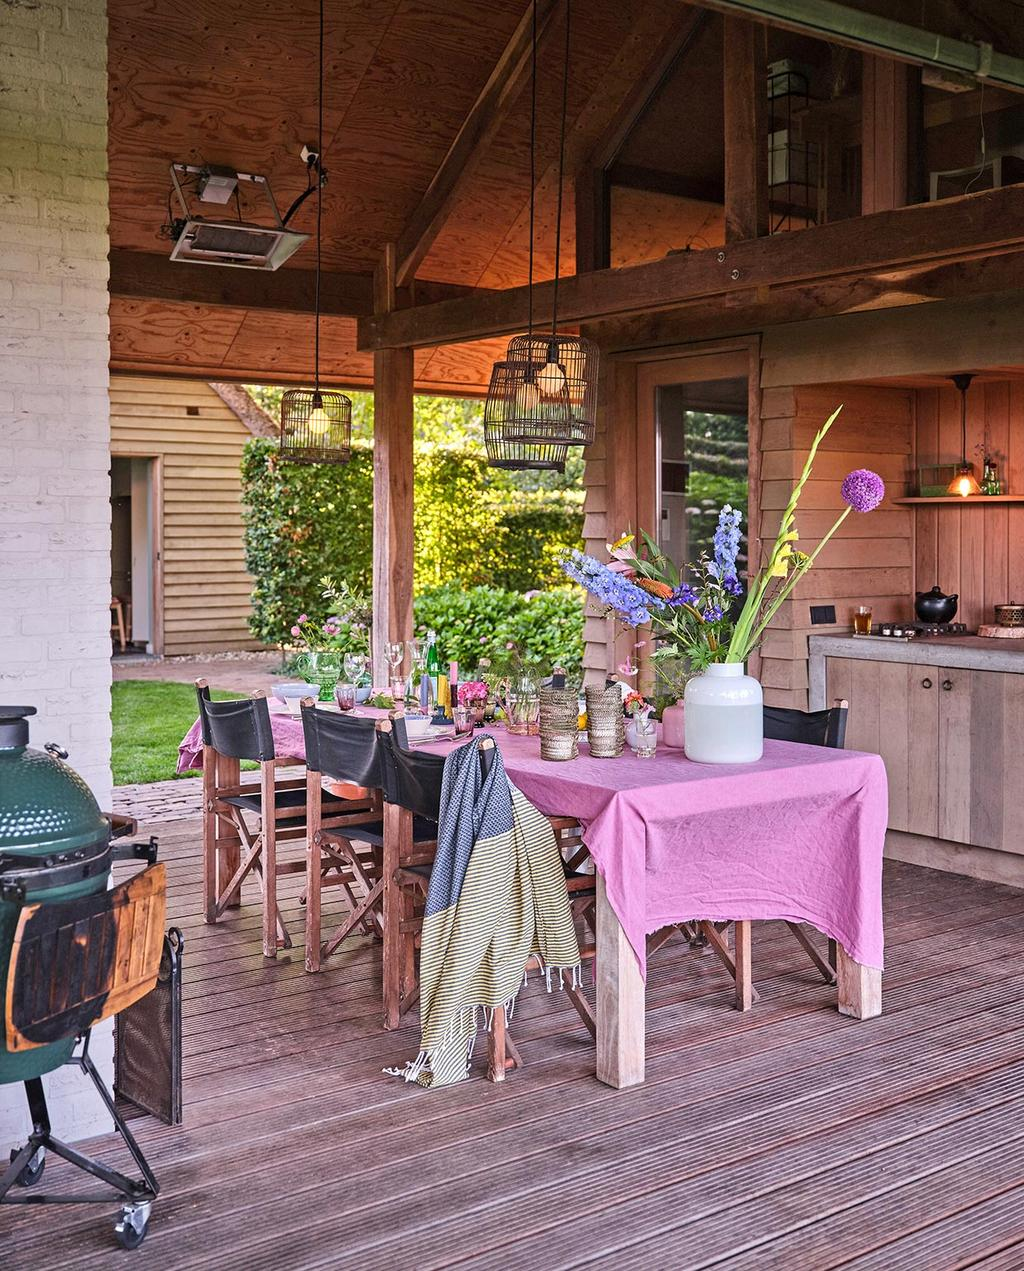 vtwonen tuin 03-2021 | buitentafel in tuinhuis met groene barbecue en roze tafelkleed